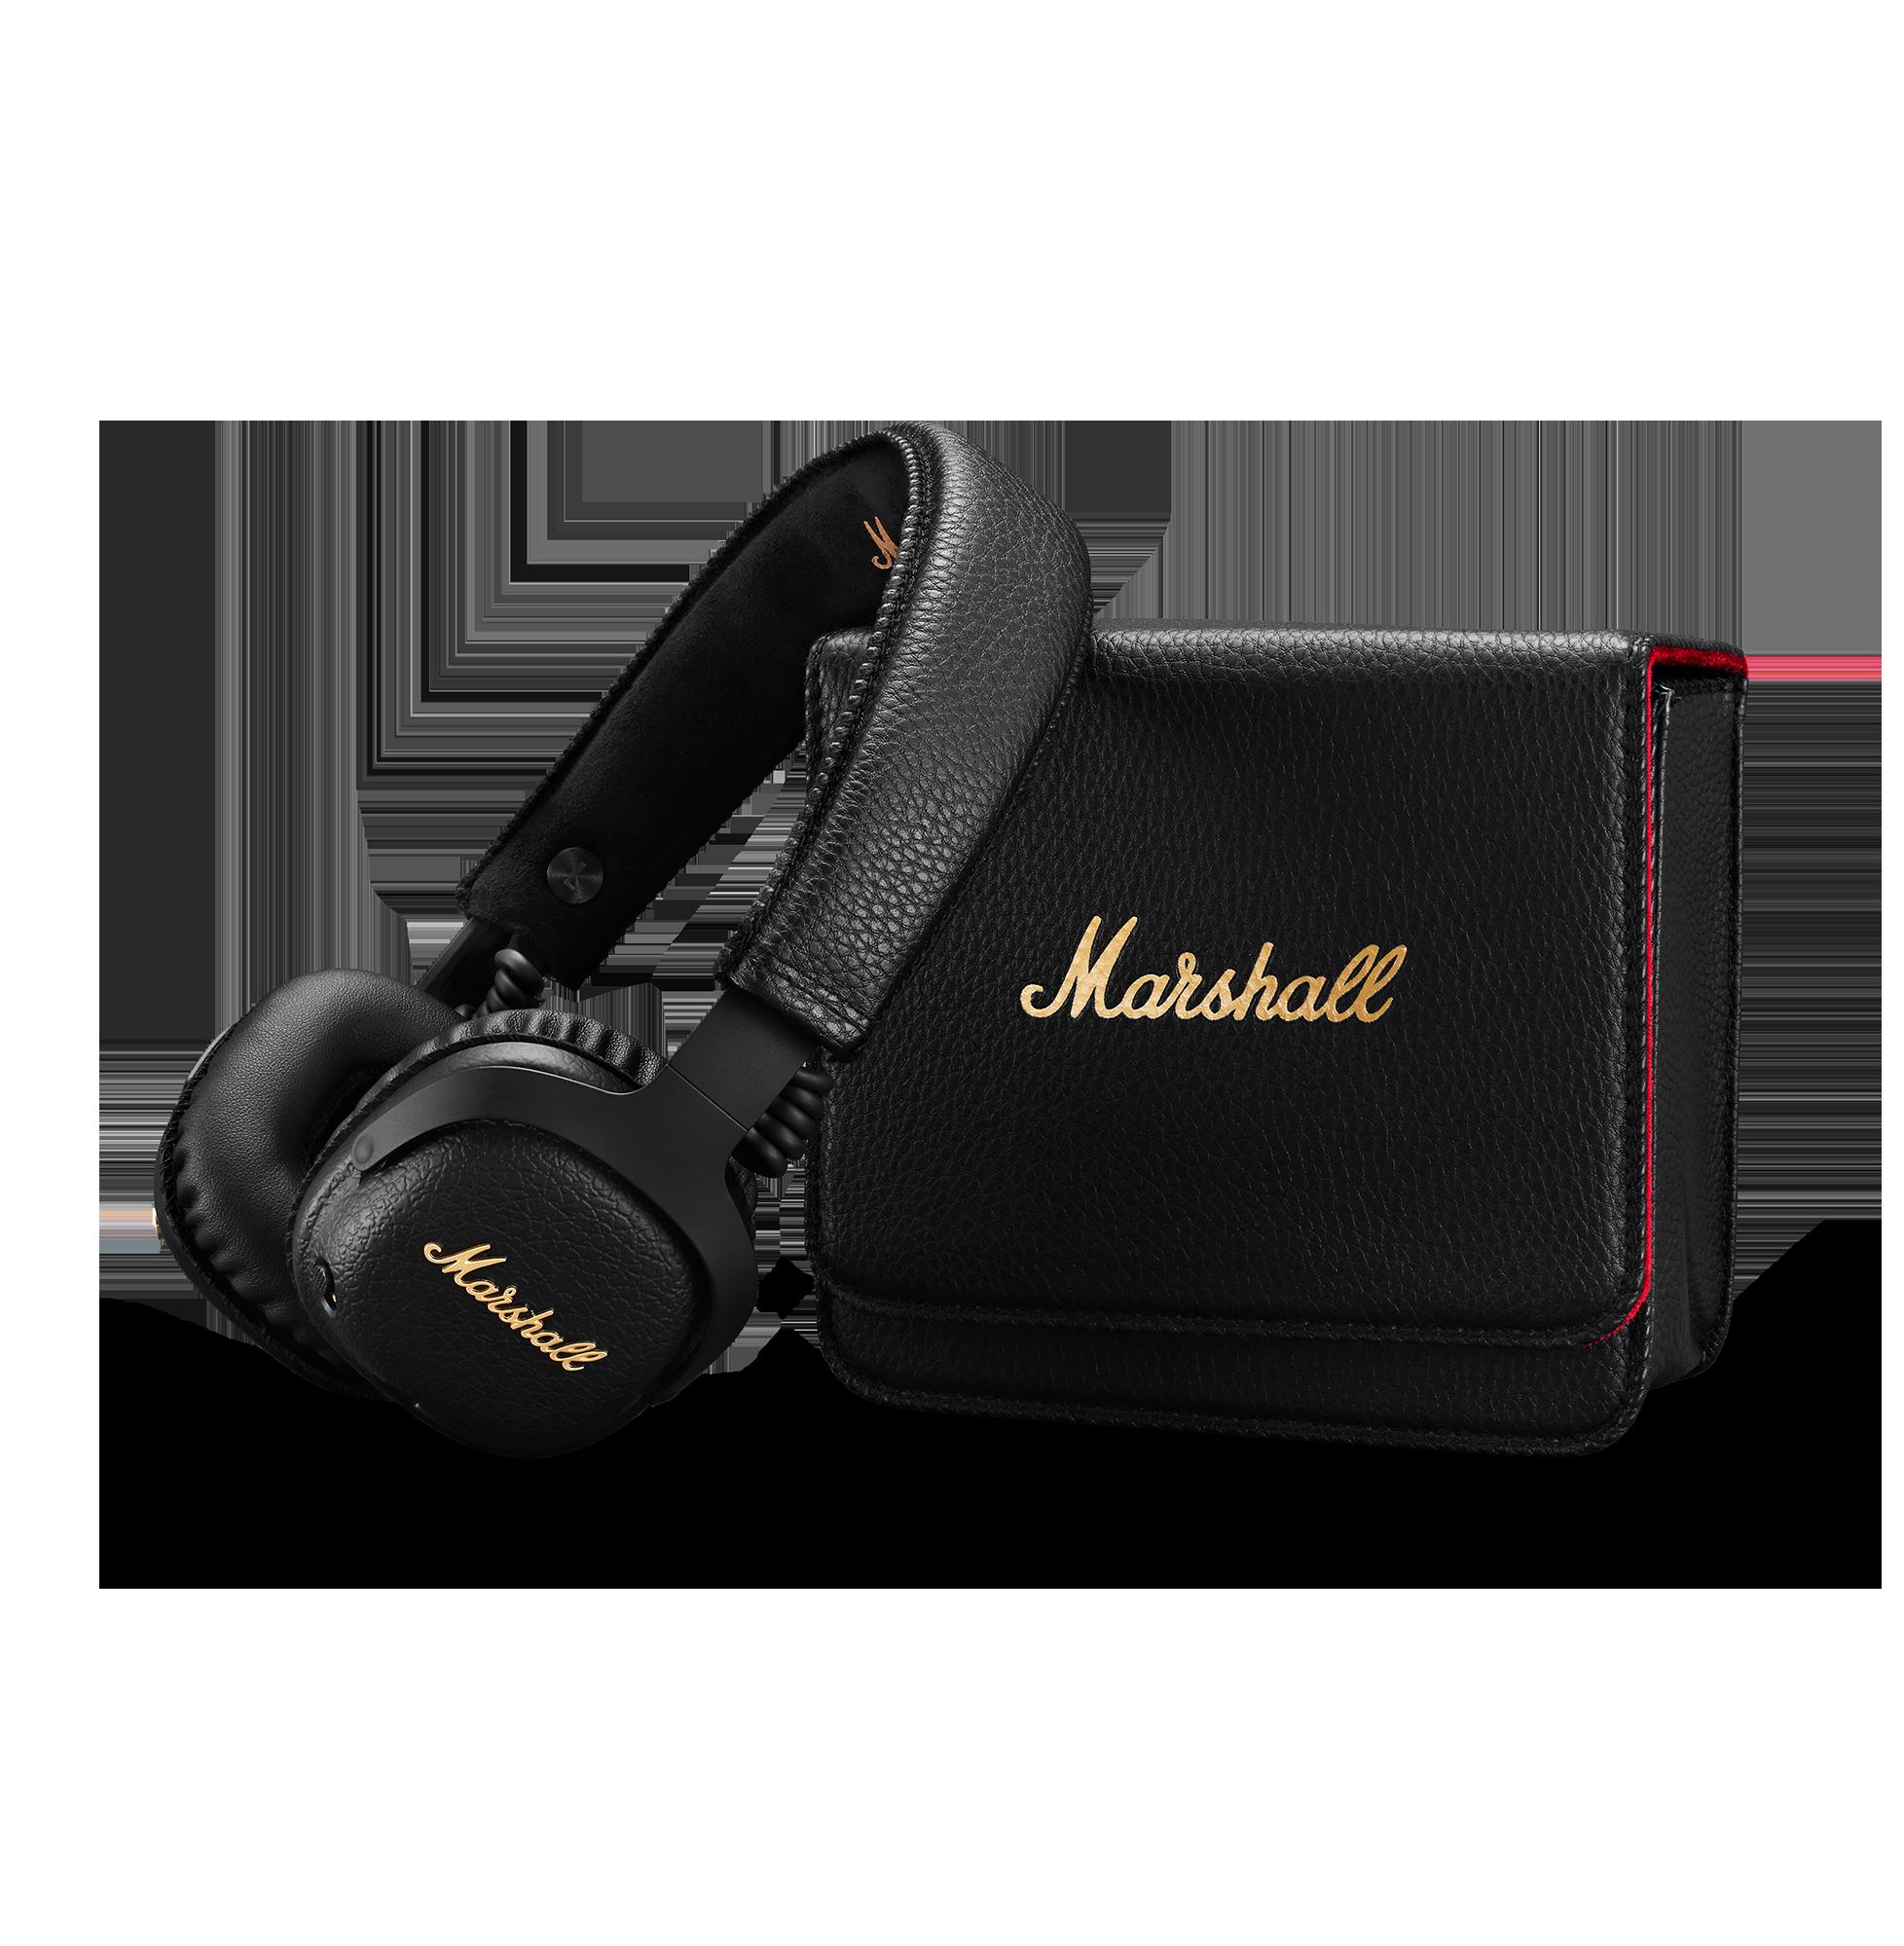 www.marshallheadphones.com